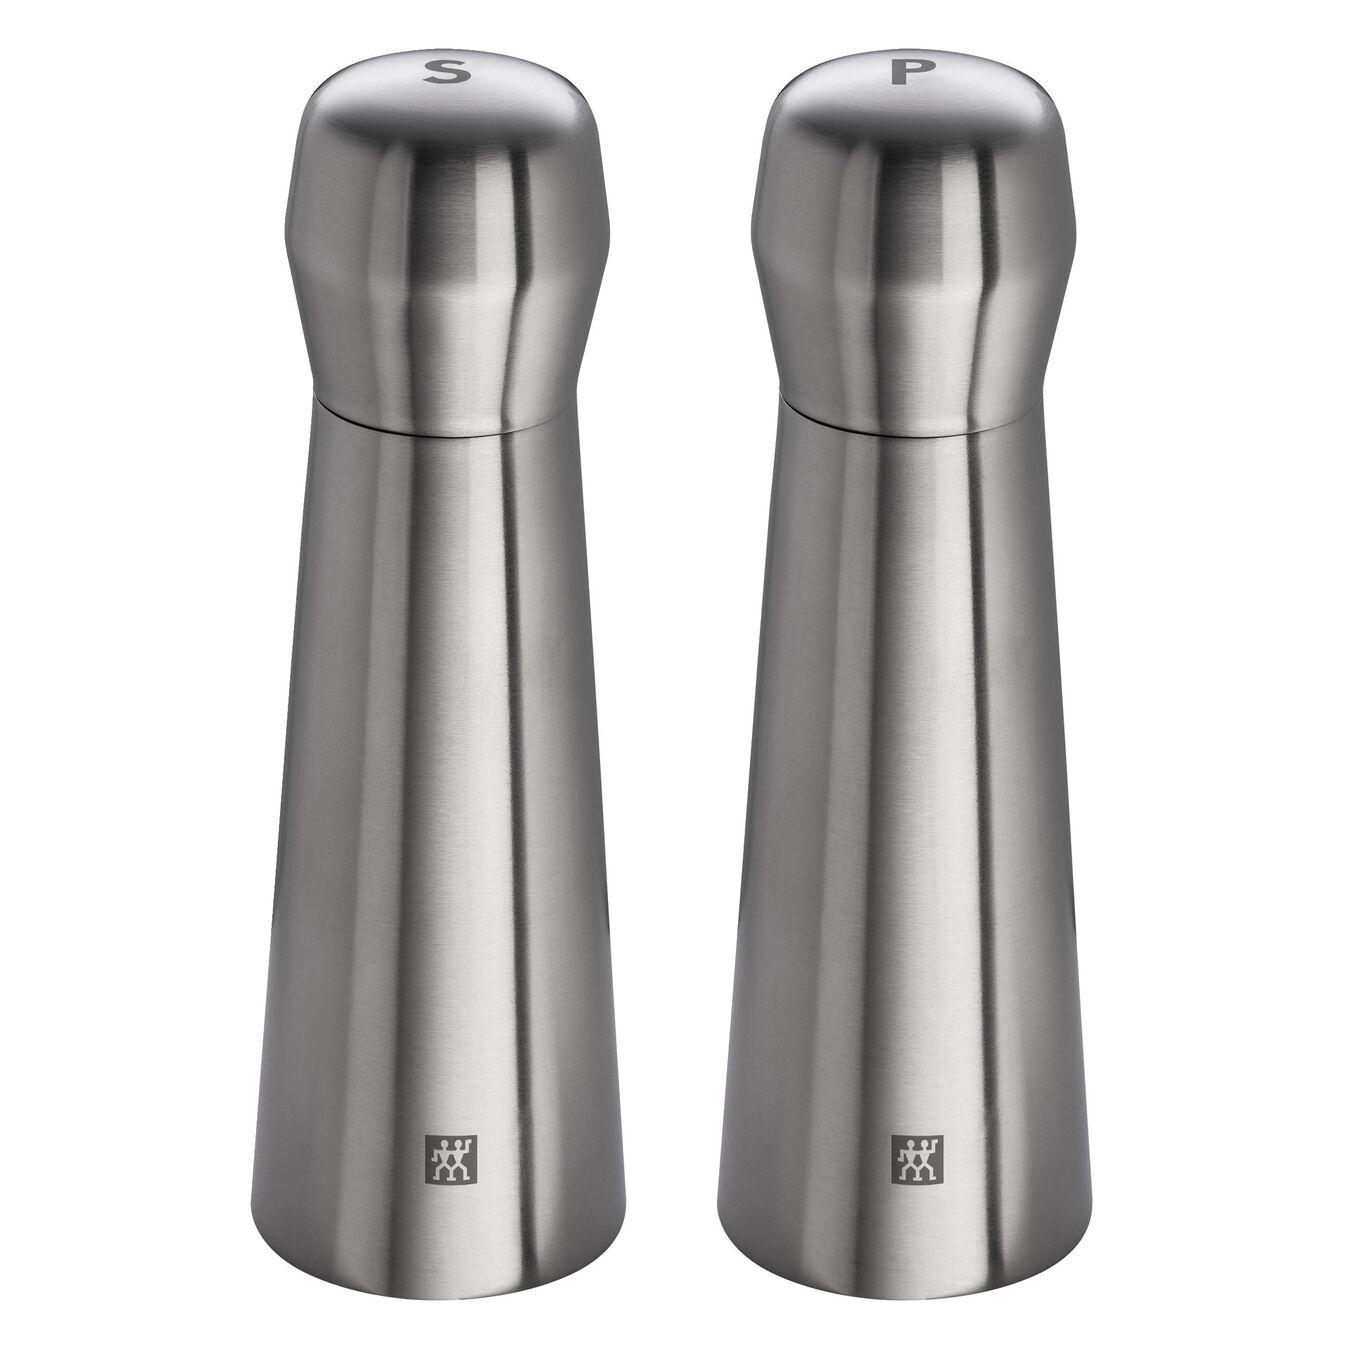 Tuz ve Karabiber Değirmeni, 19 cm | Metalik Gri | Paslanmaz Çelik | Paslanmaz Çelik,,large 1